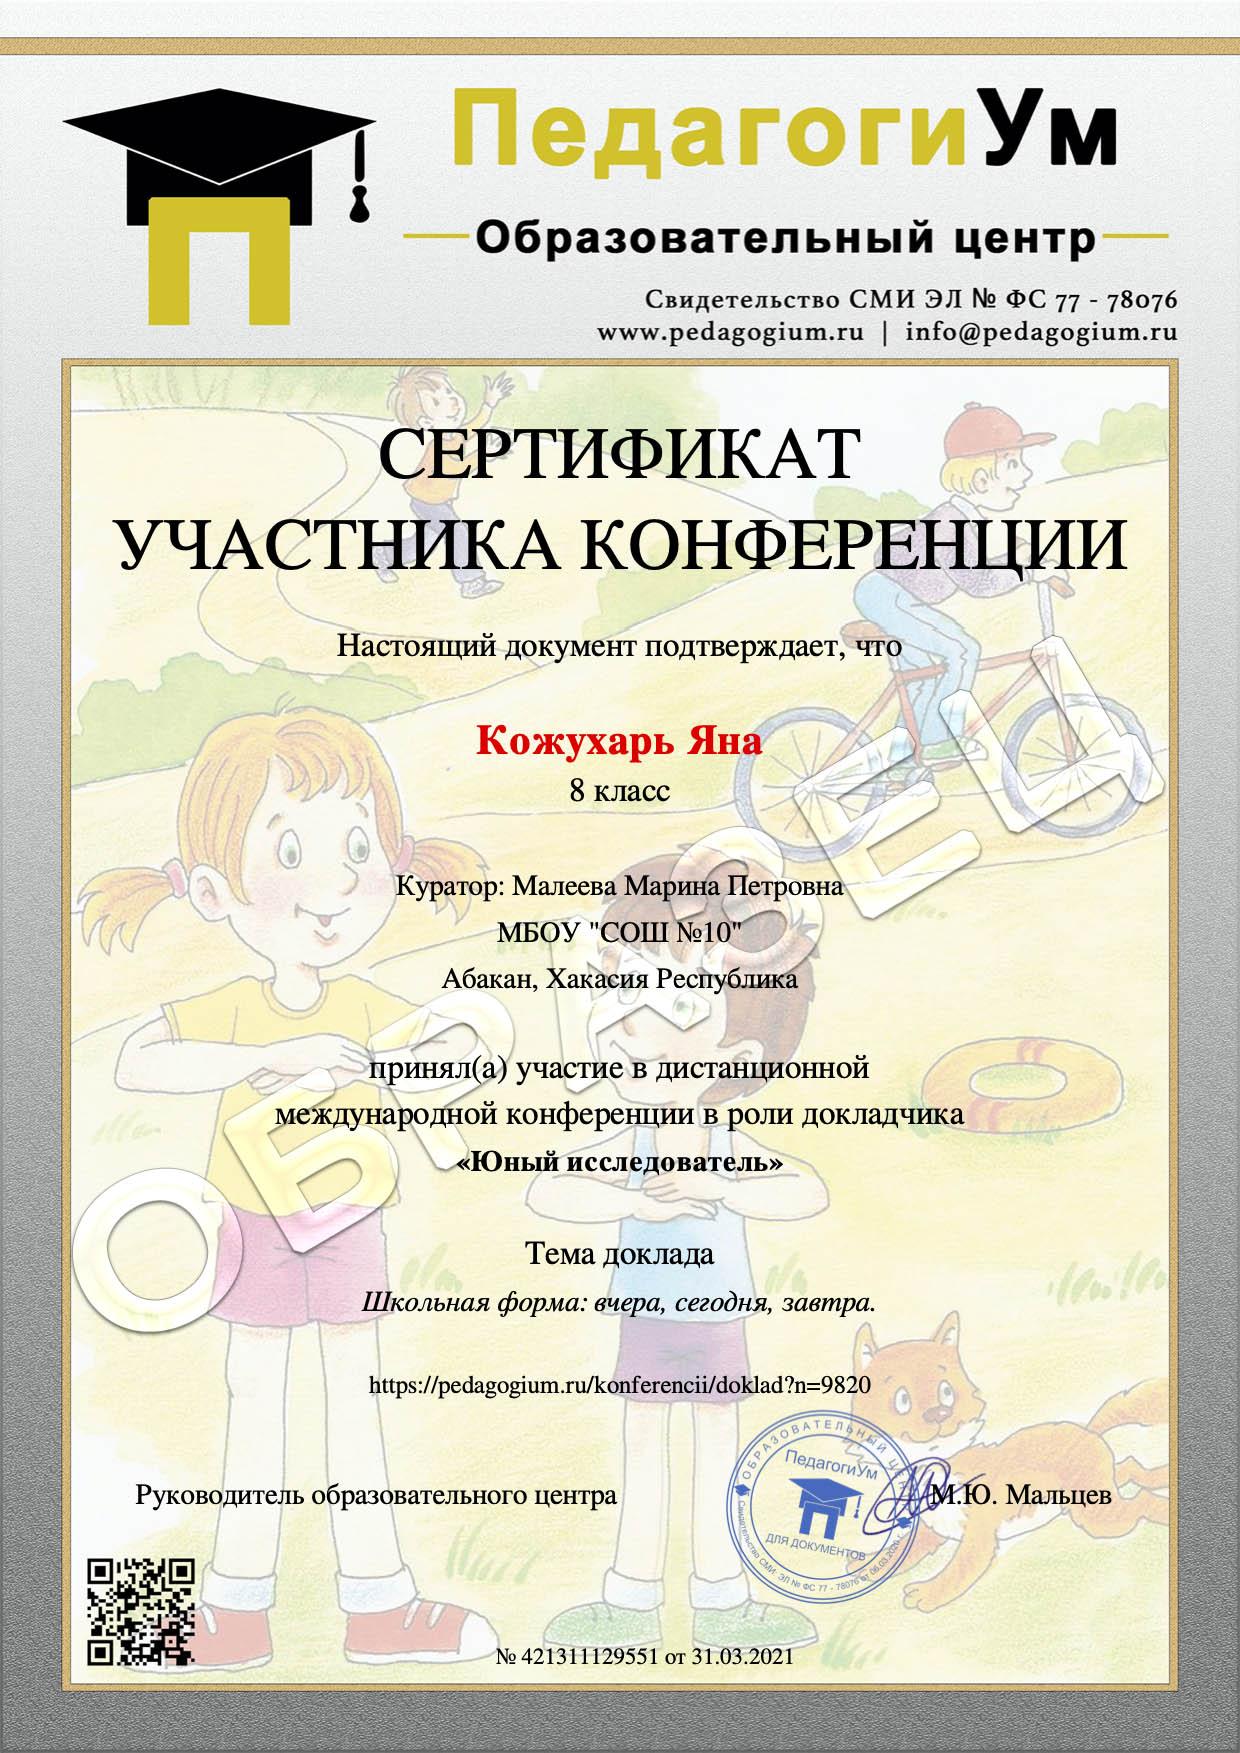 Образец документа докладчику за участие в дистанционных конференциях центра ПедагогиУм.